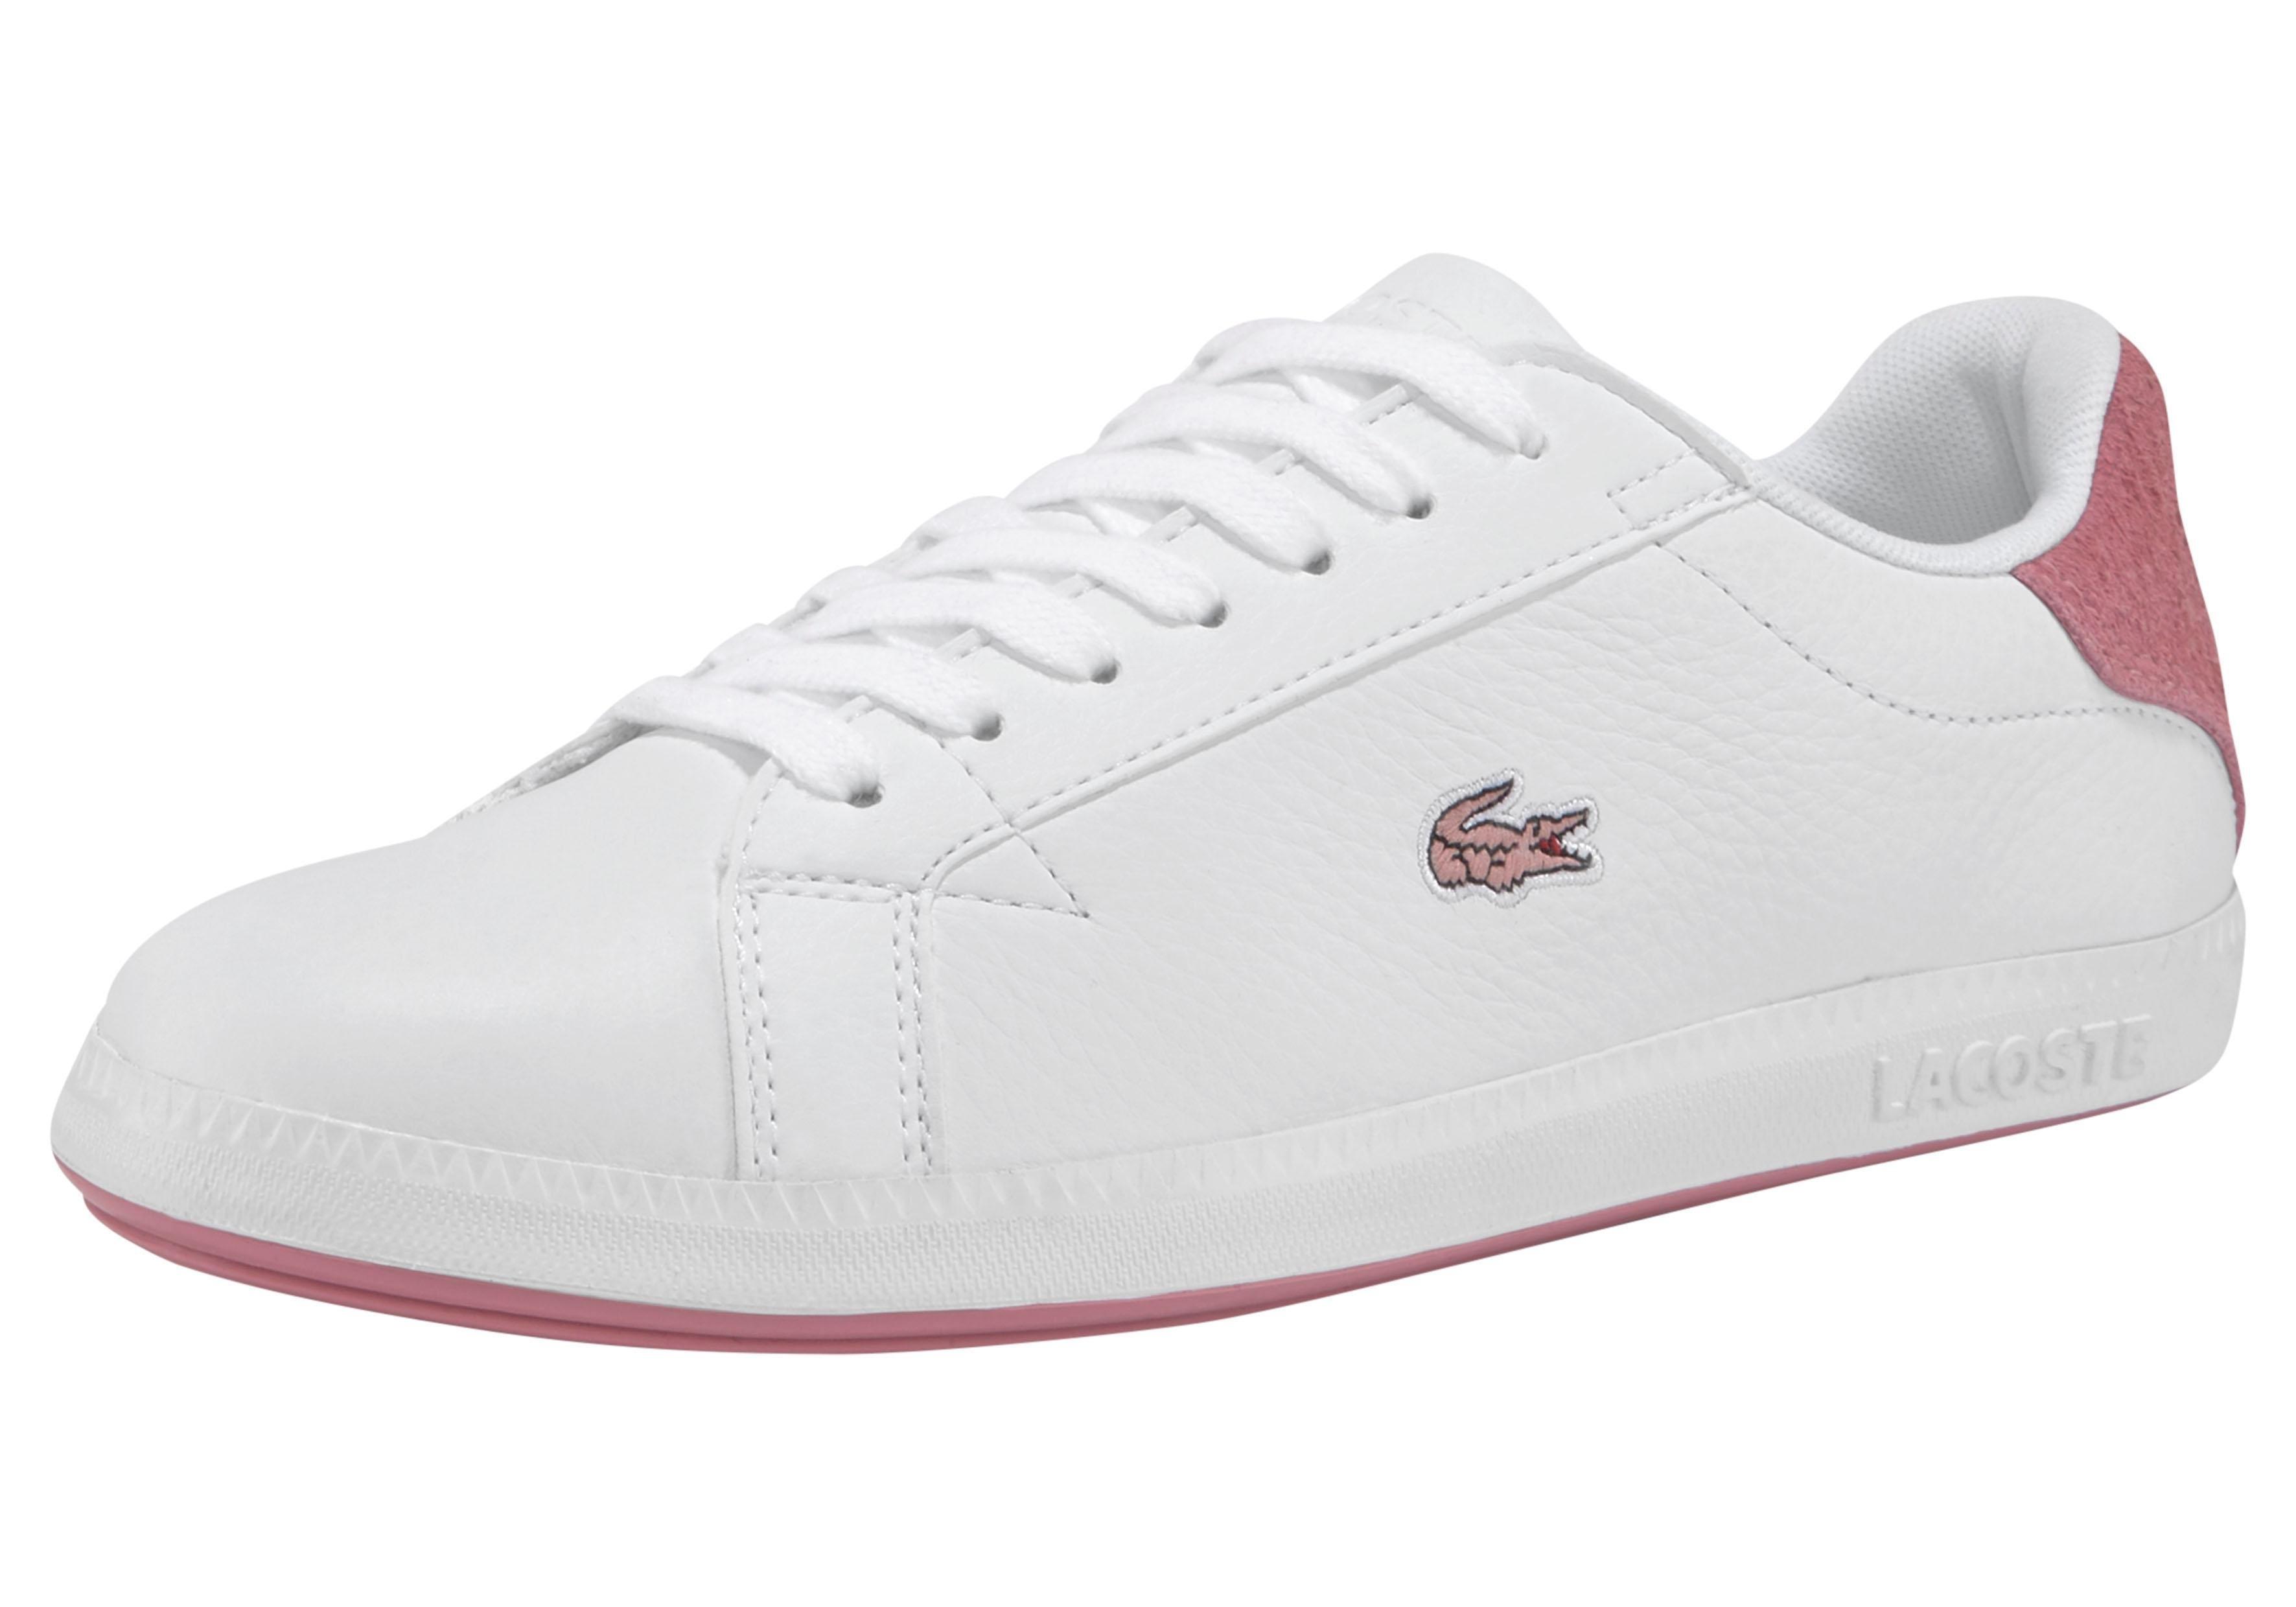 LACOSTE sneakers »GRADUATE 319 1 SFA« nu online bestellen